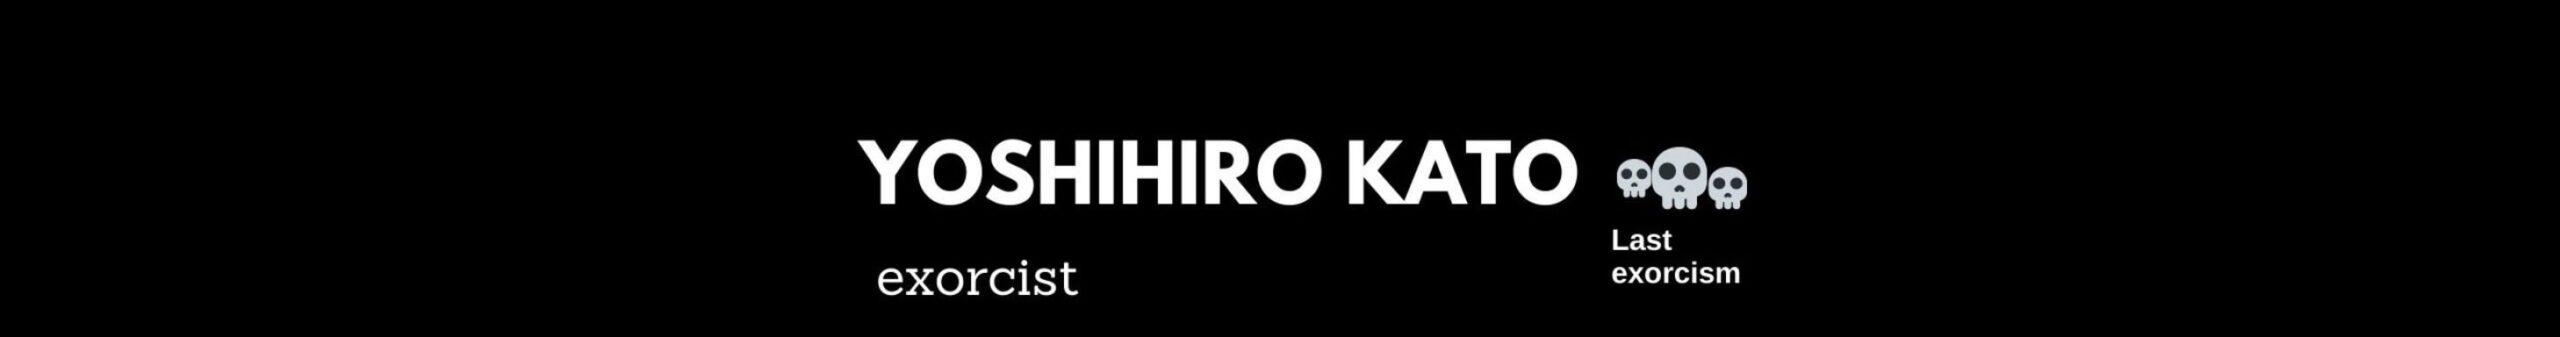 悪魔祓い師 加藤好洋 YouTubeチャンネル